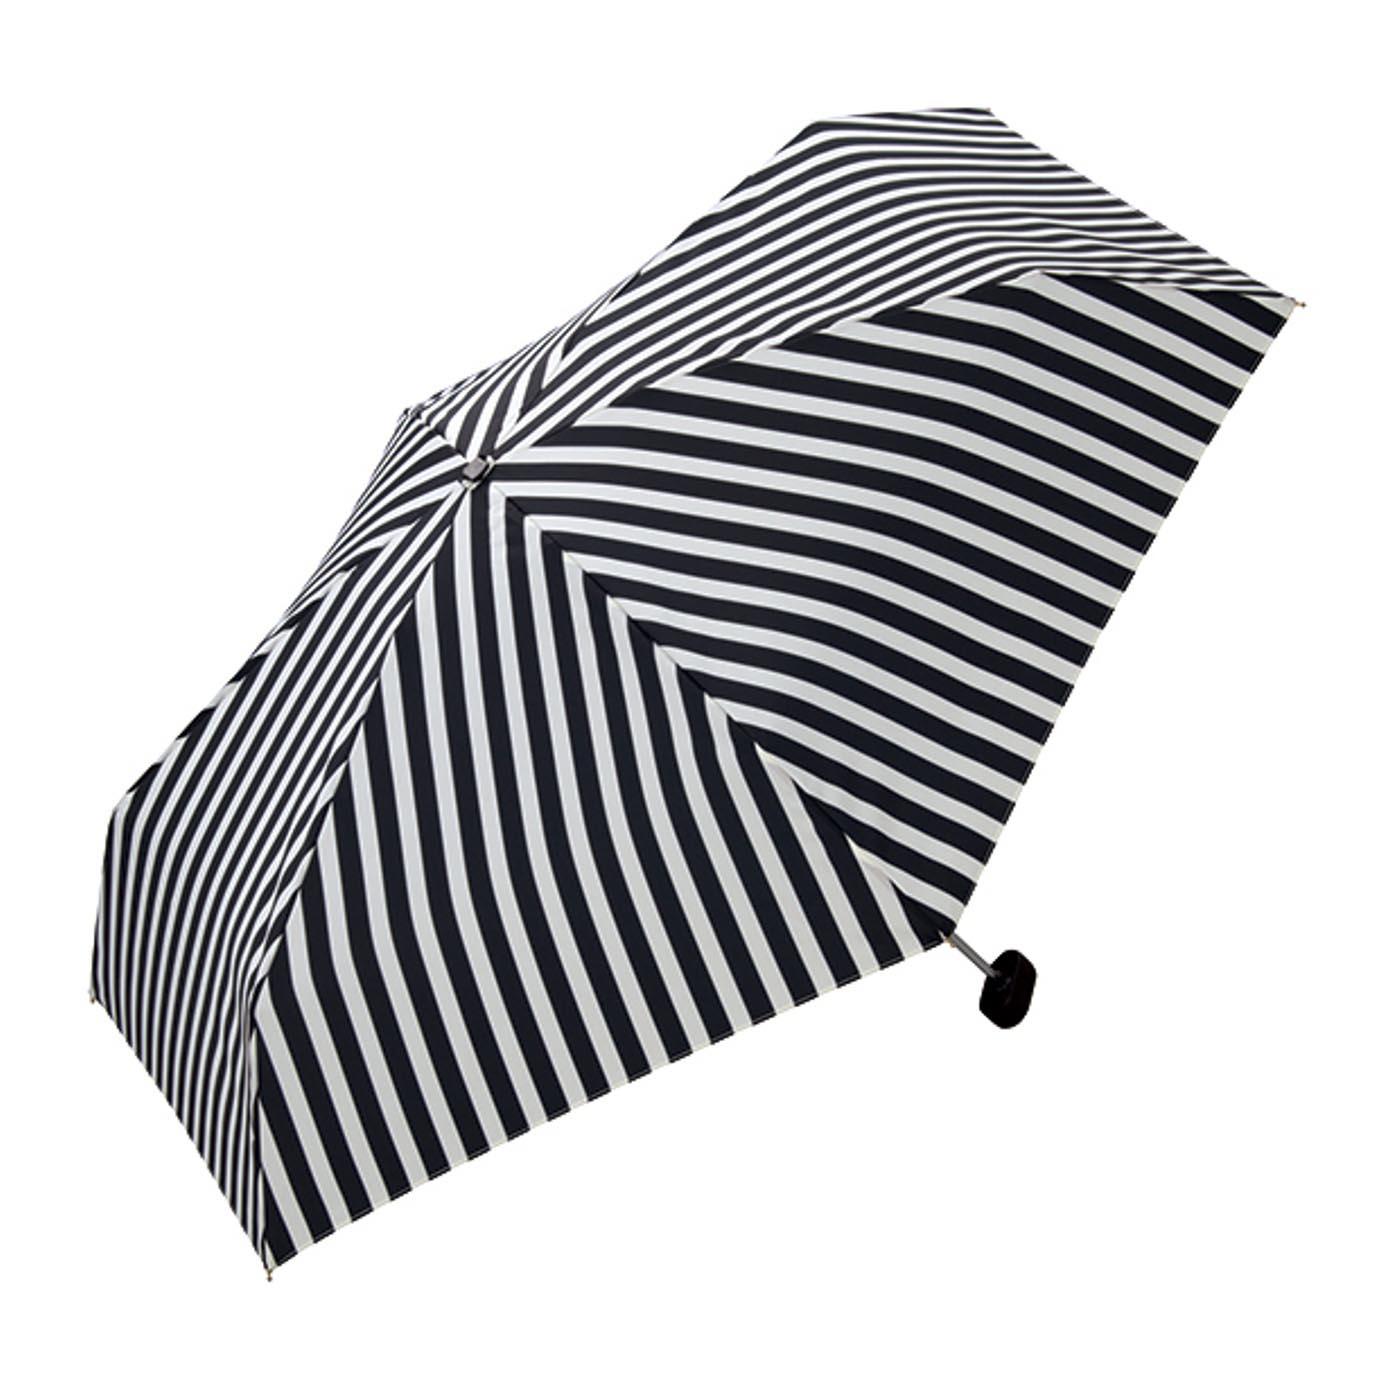 フェリシモ クラッチ風ケースでサッと収納 コンパクトな折りたたみ傘〈ストライプ〉